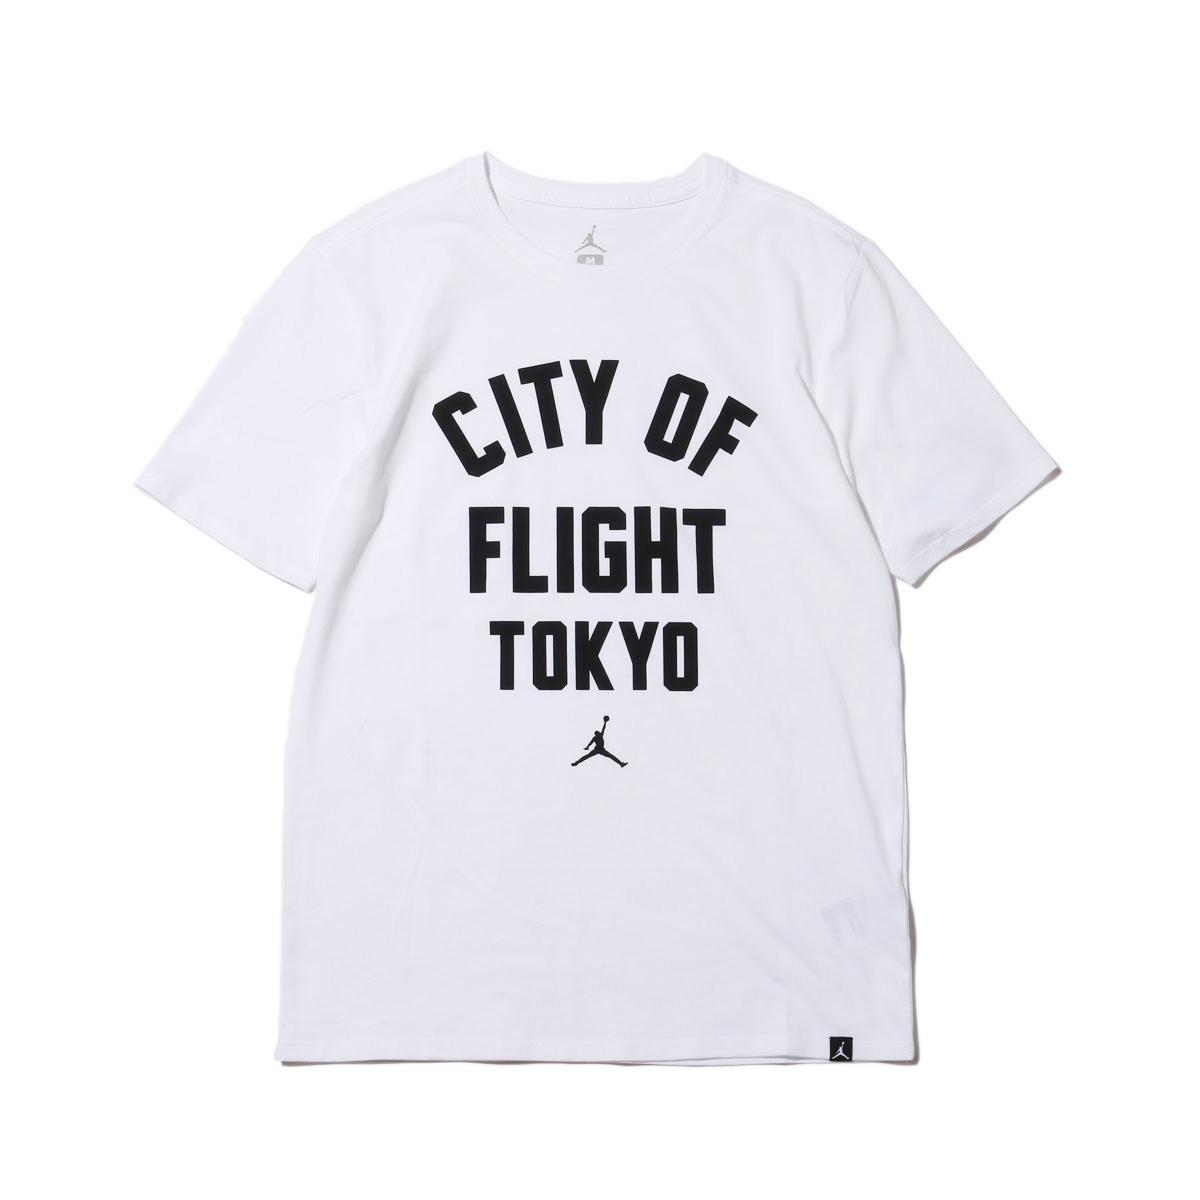 eefc4934eccbd7 atmos pink  NIKE M JSW TEE COF ZIPCODE (Nike Jordan JSW COF zip code S S T- shirt) (WHITE BLACK TOKYO)18SP-S